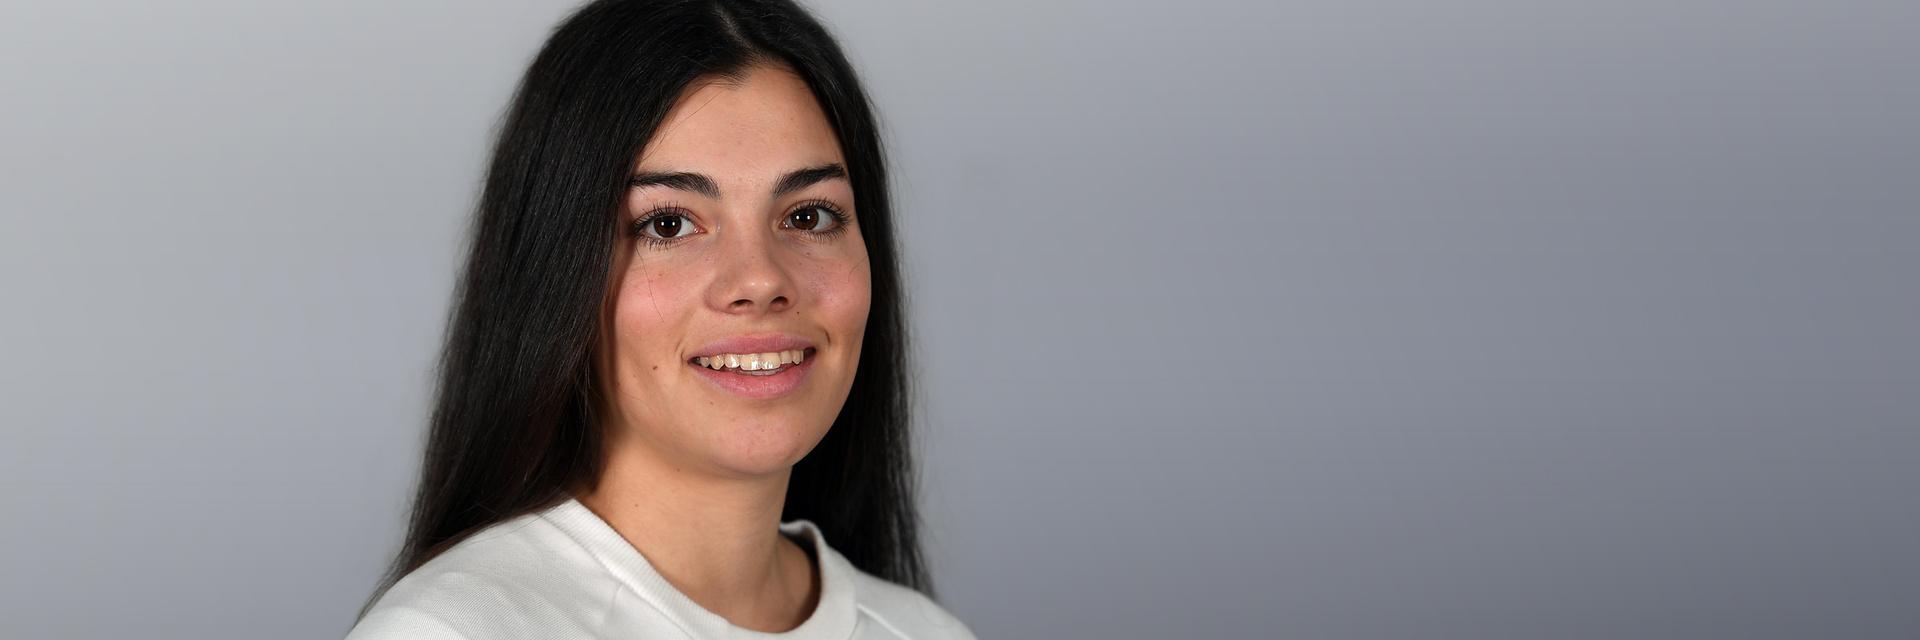 Maróty Mariann